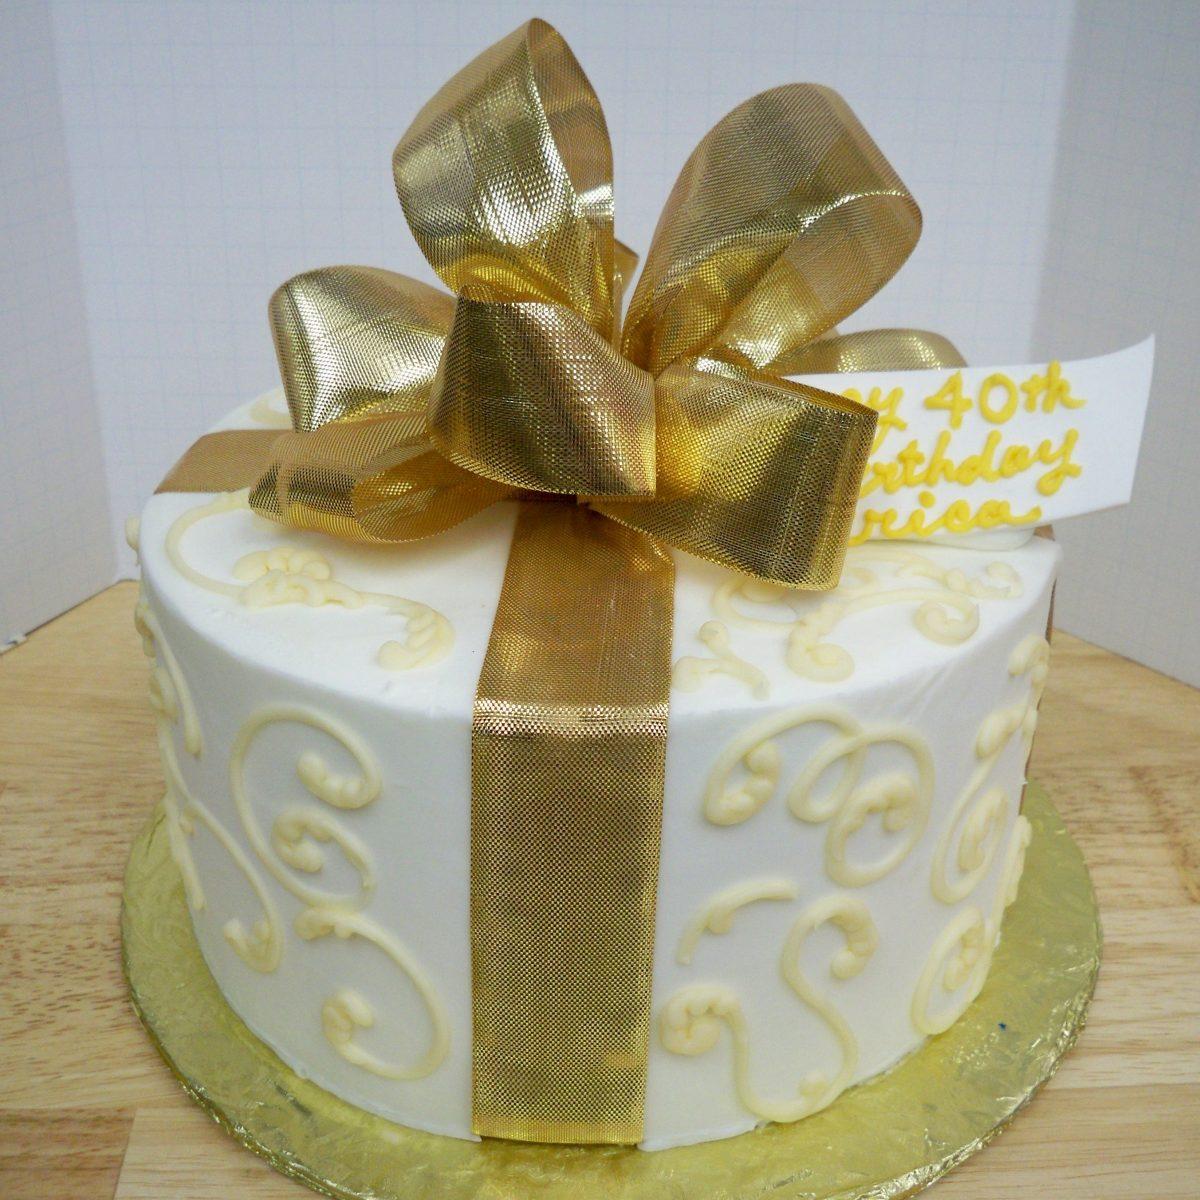 gift box cake, birthday cake, anniversary cake